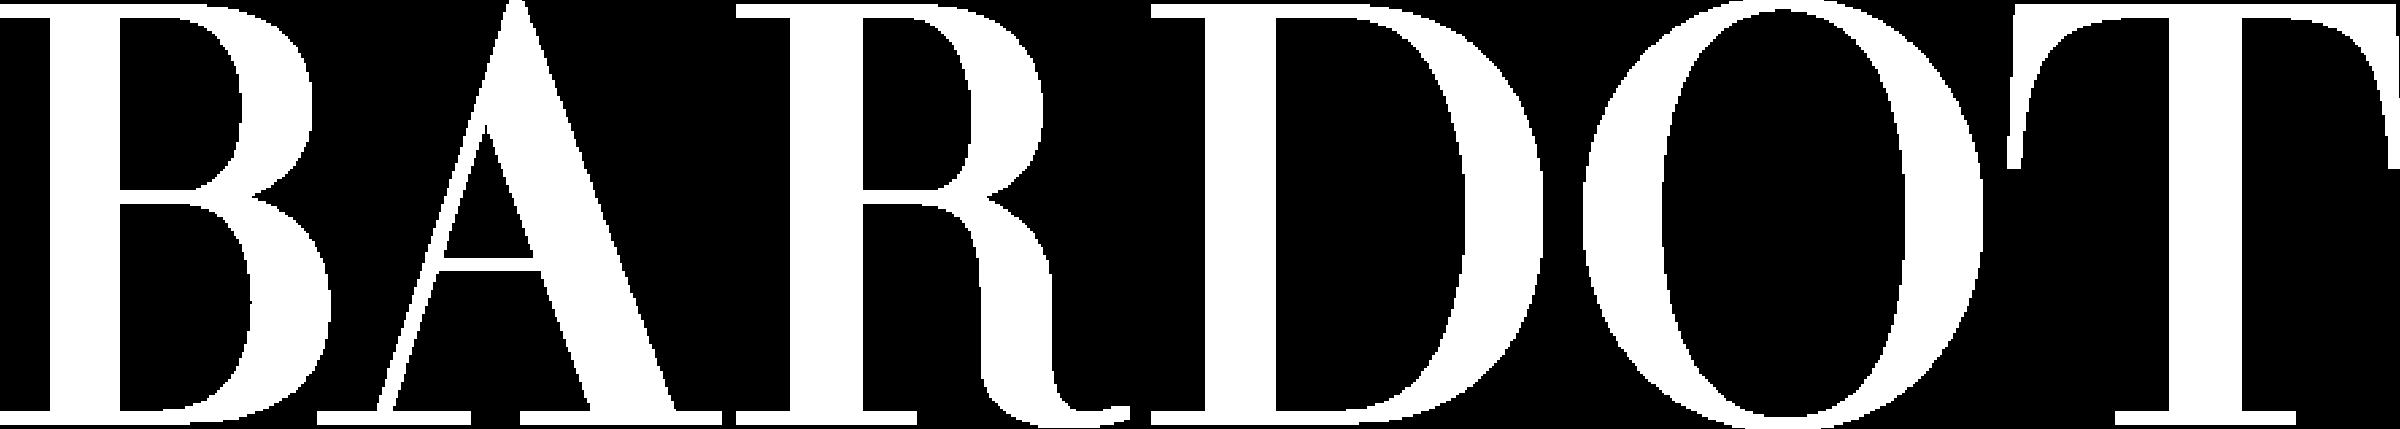 Bardot Logo